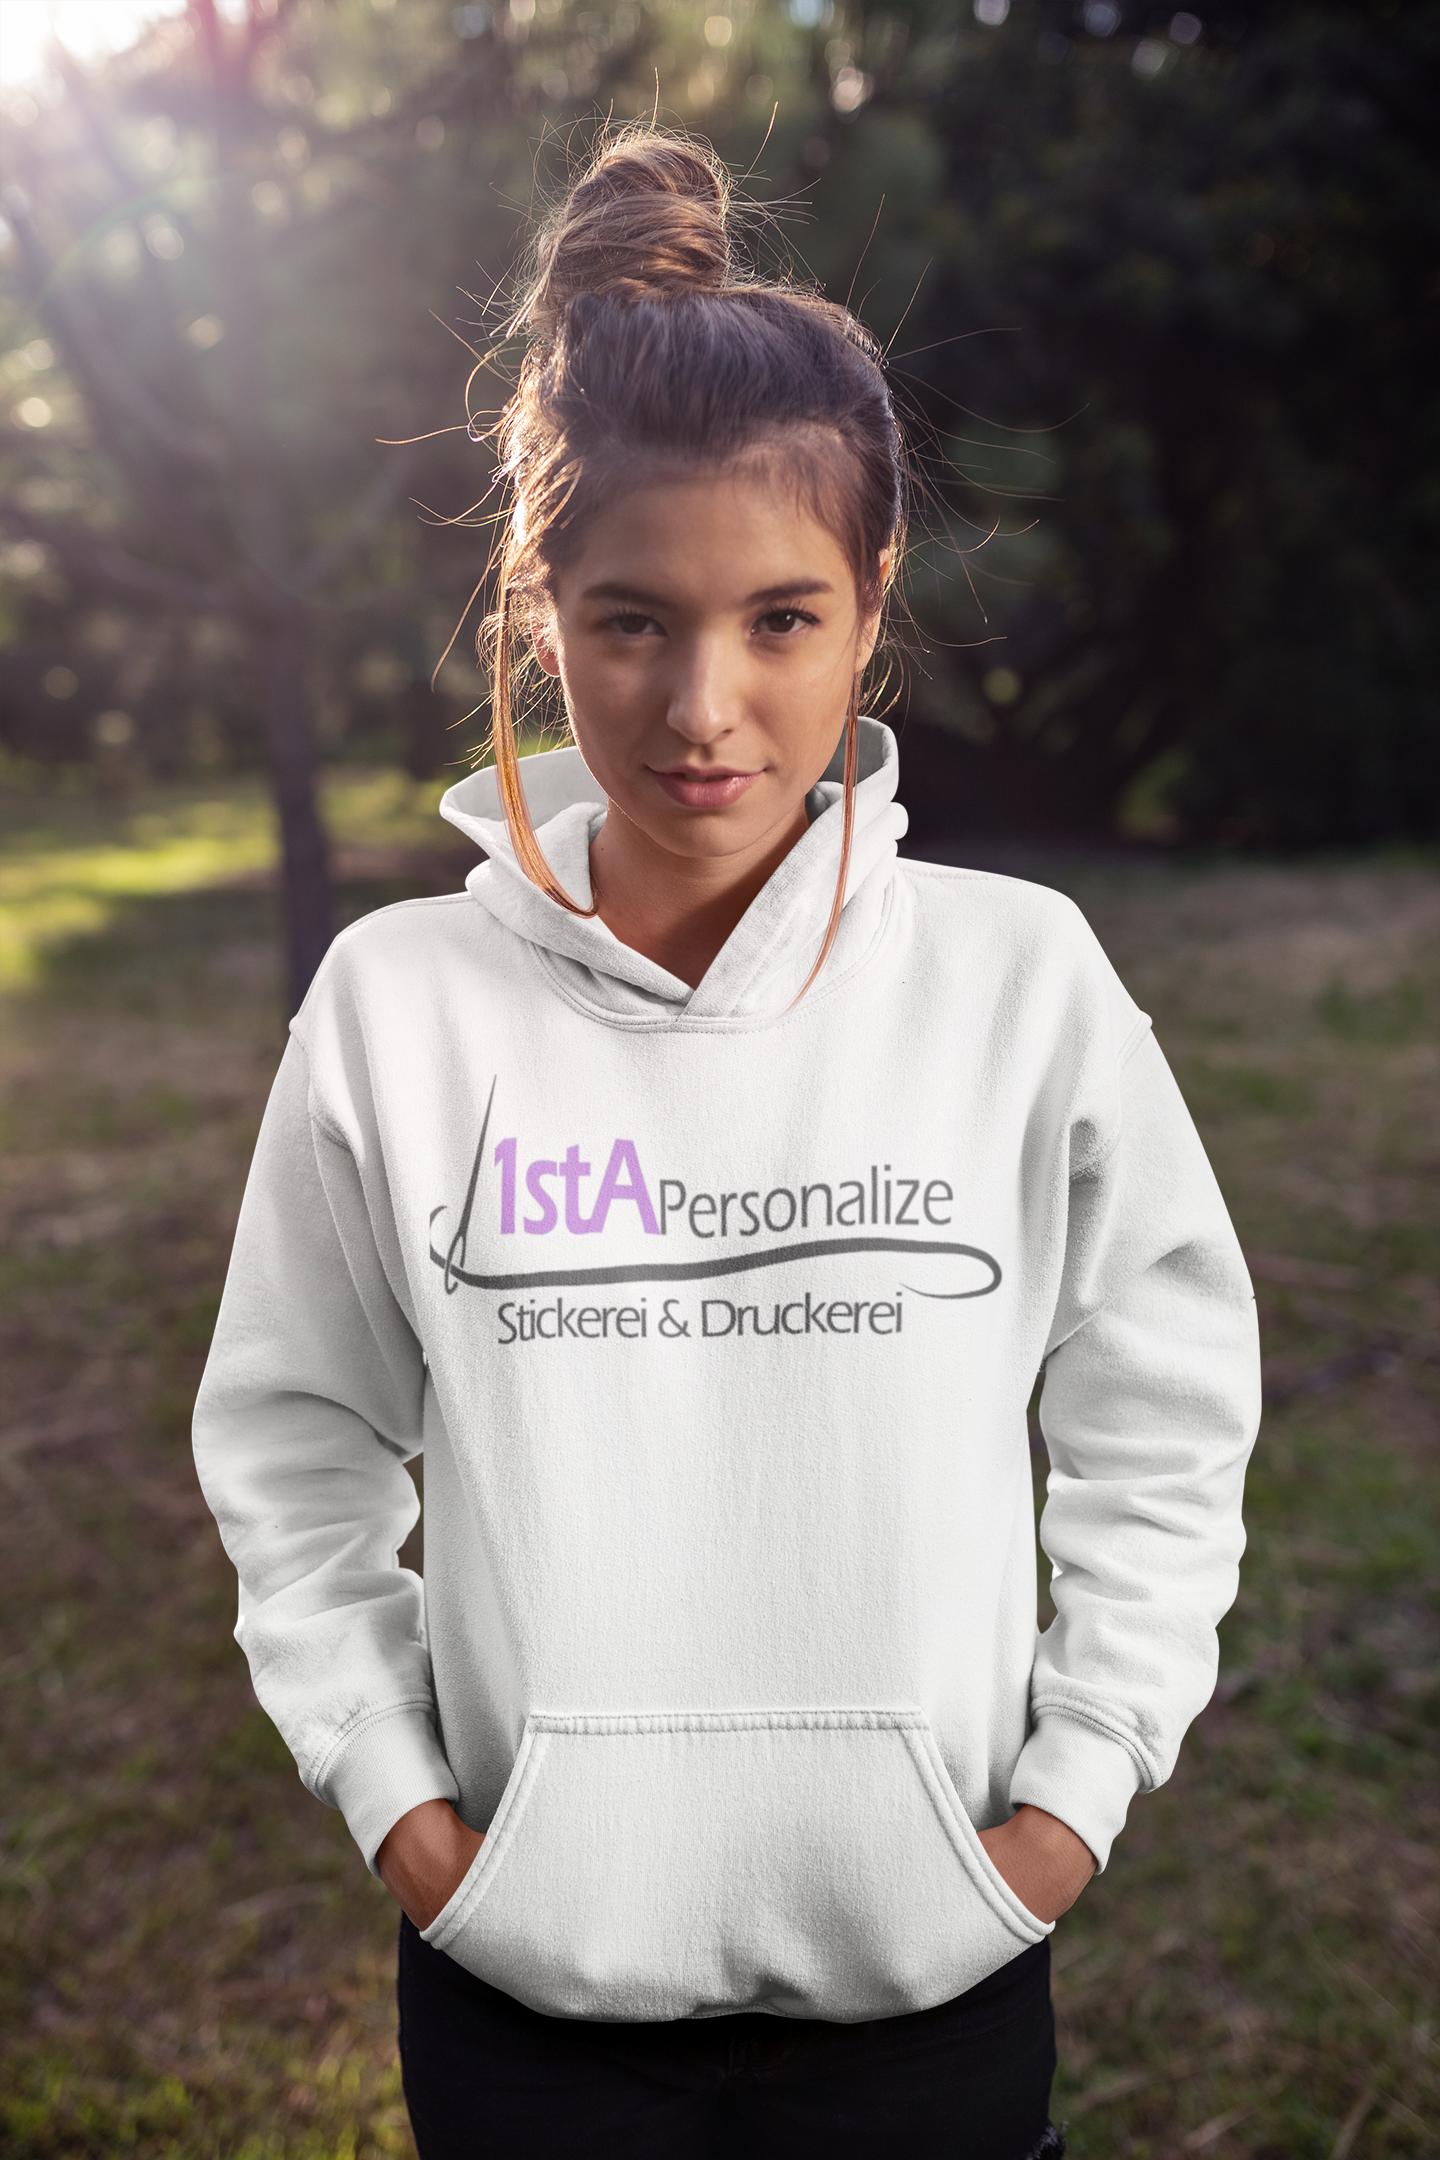 pullover-hoodie-1stapersonlize-1stA-Stickerei-Druckerei